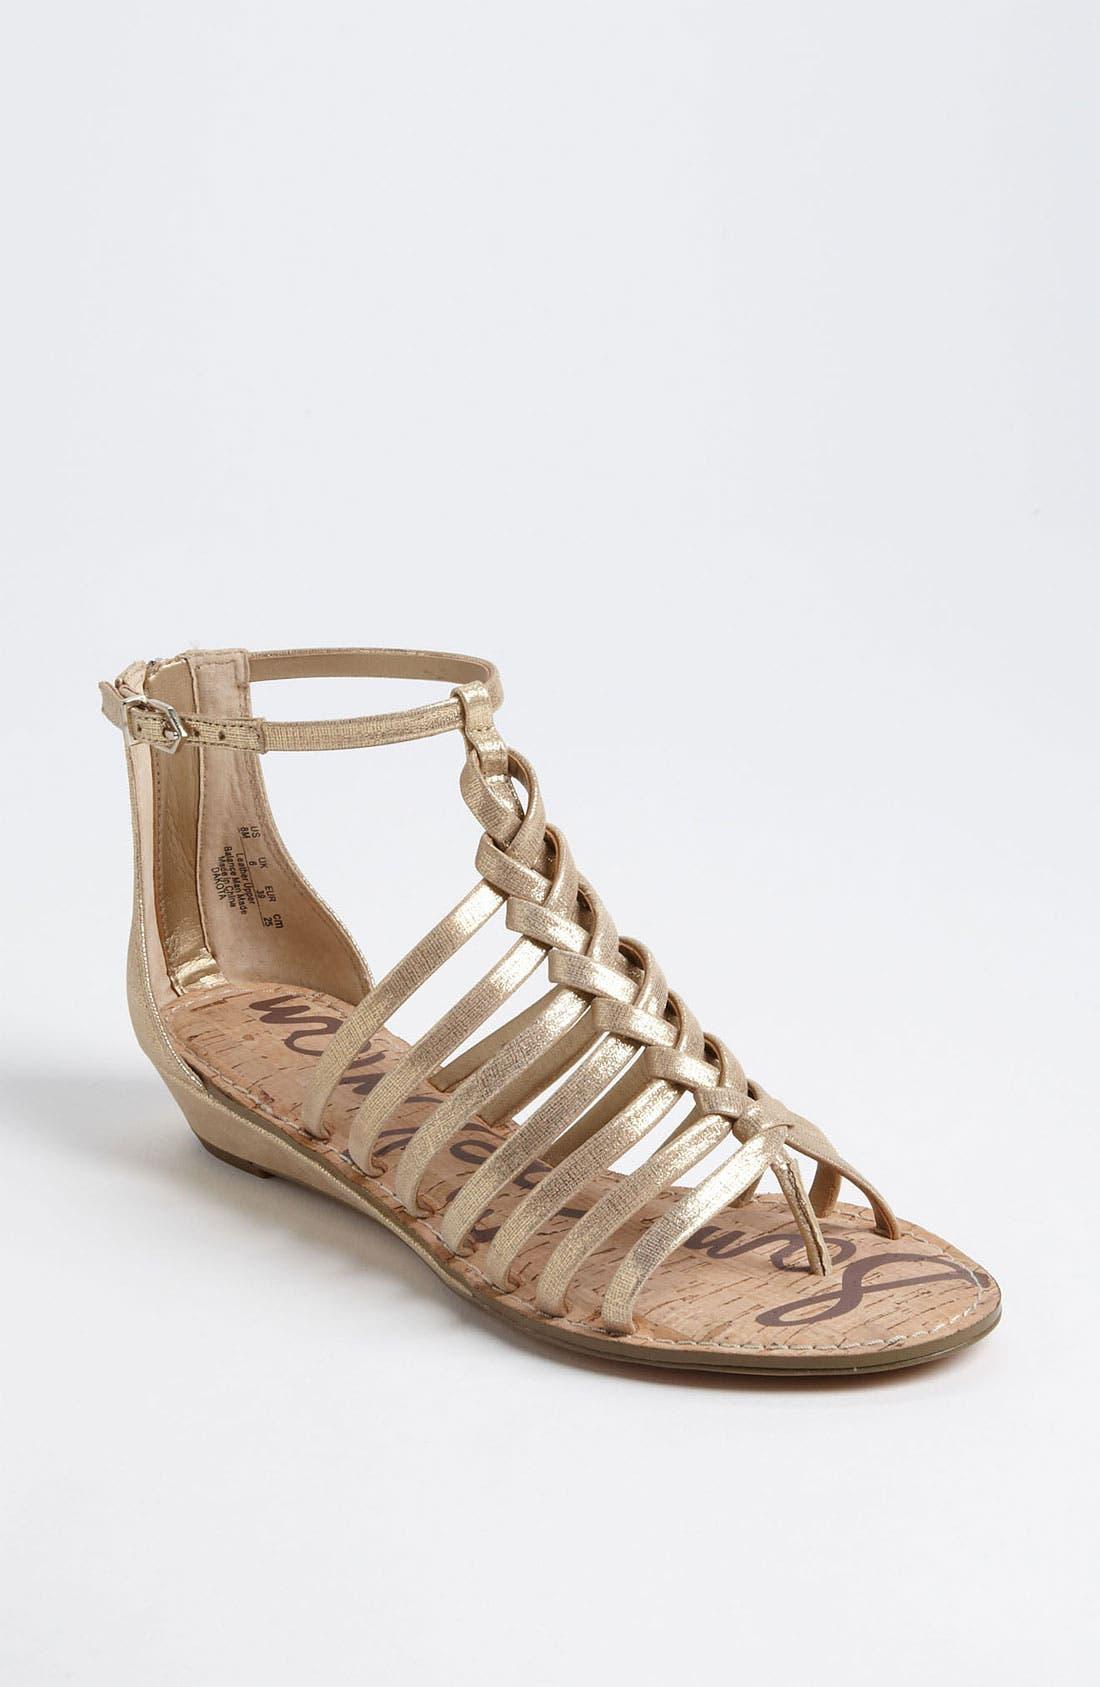 Main Image - Sam Edelman 'Dakota' Sandal